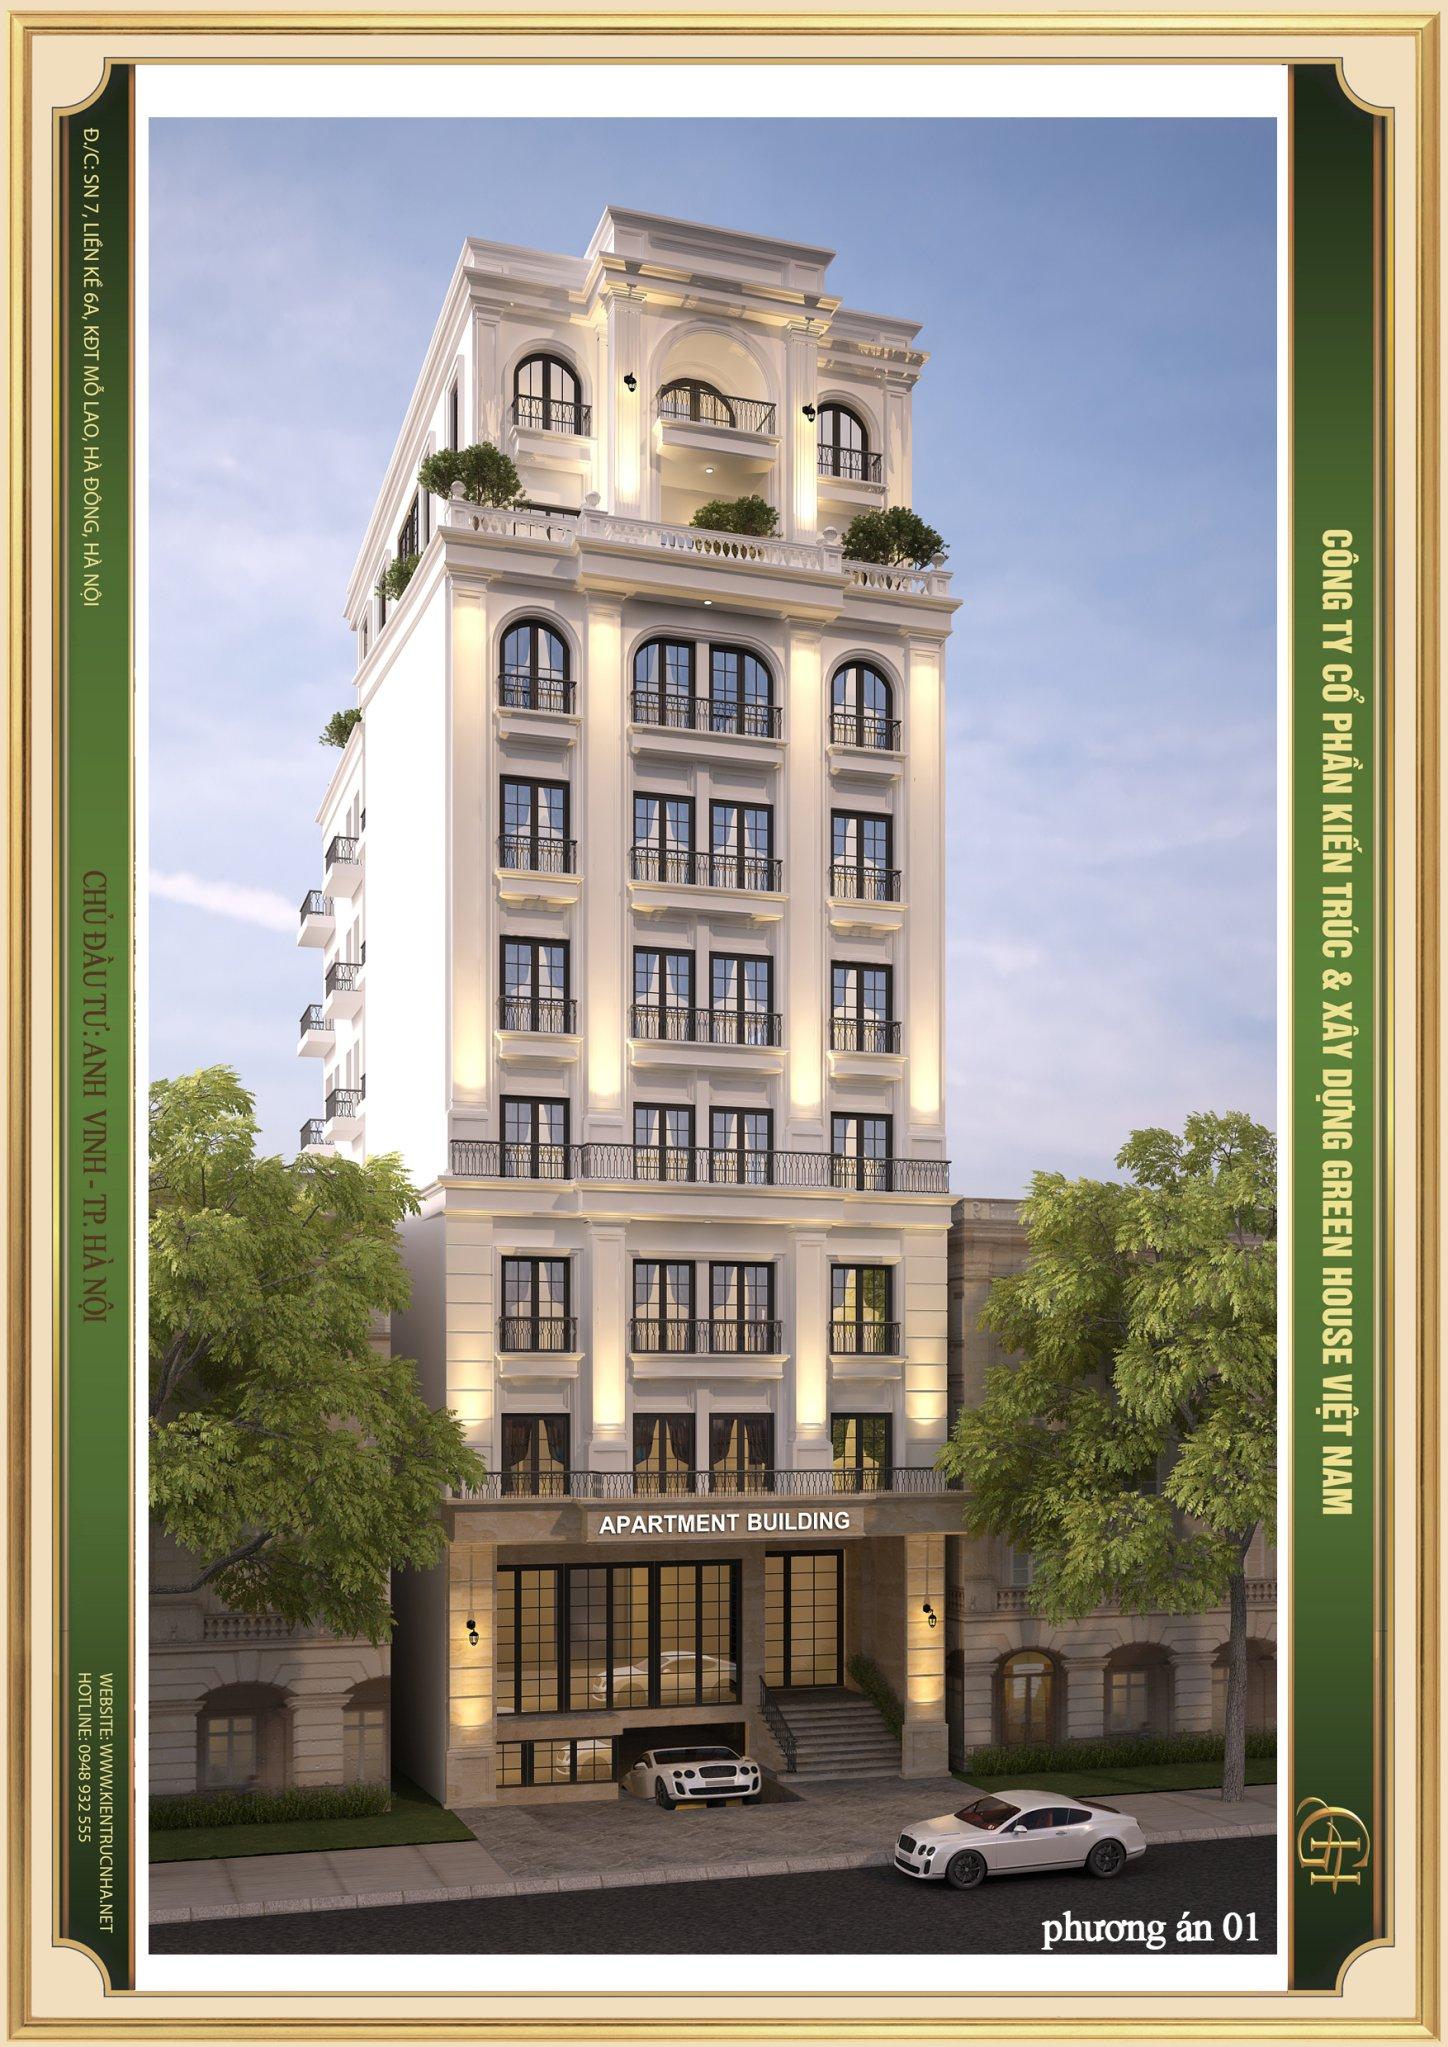 Căn hộ cho thuê 9 tầng với thiết kế mặt tiền khang trang, hiện đại và cao cấp